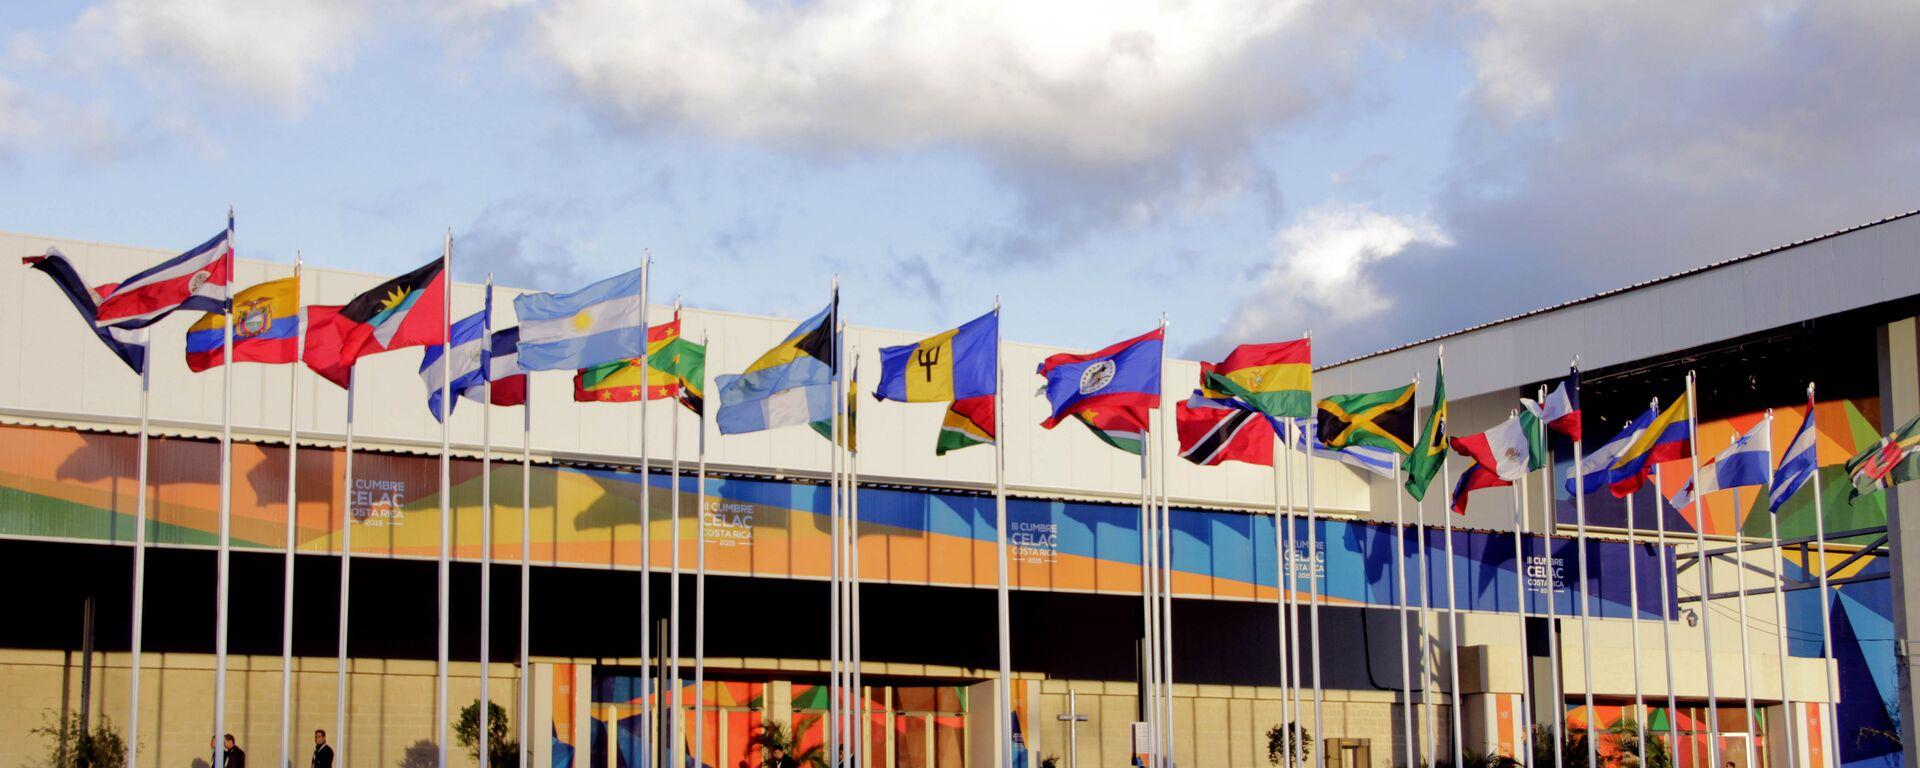 Banderas de los países miembros de CELAC - Sputnik Mundo, 1920, 14.09.2021